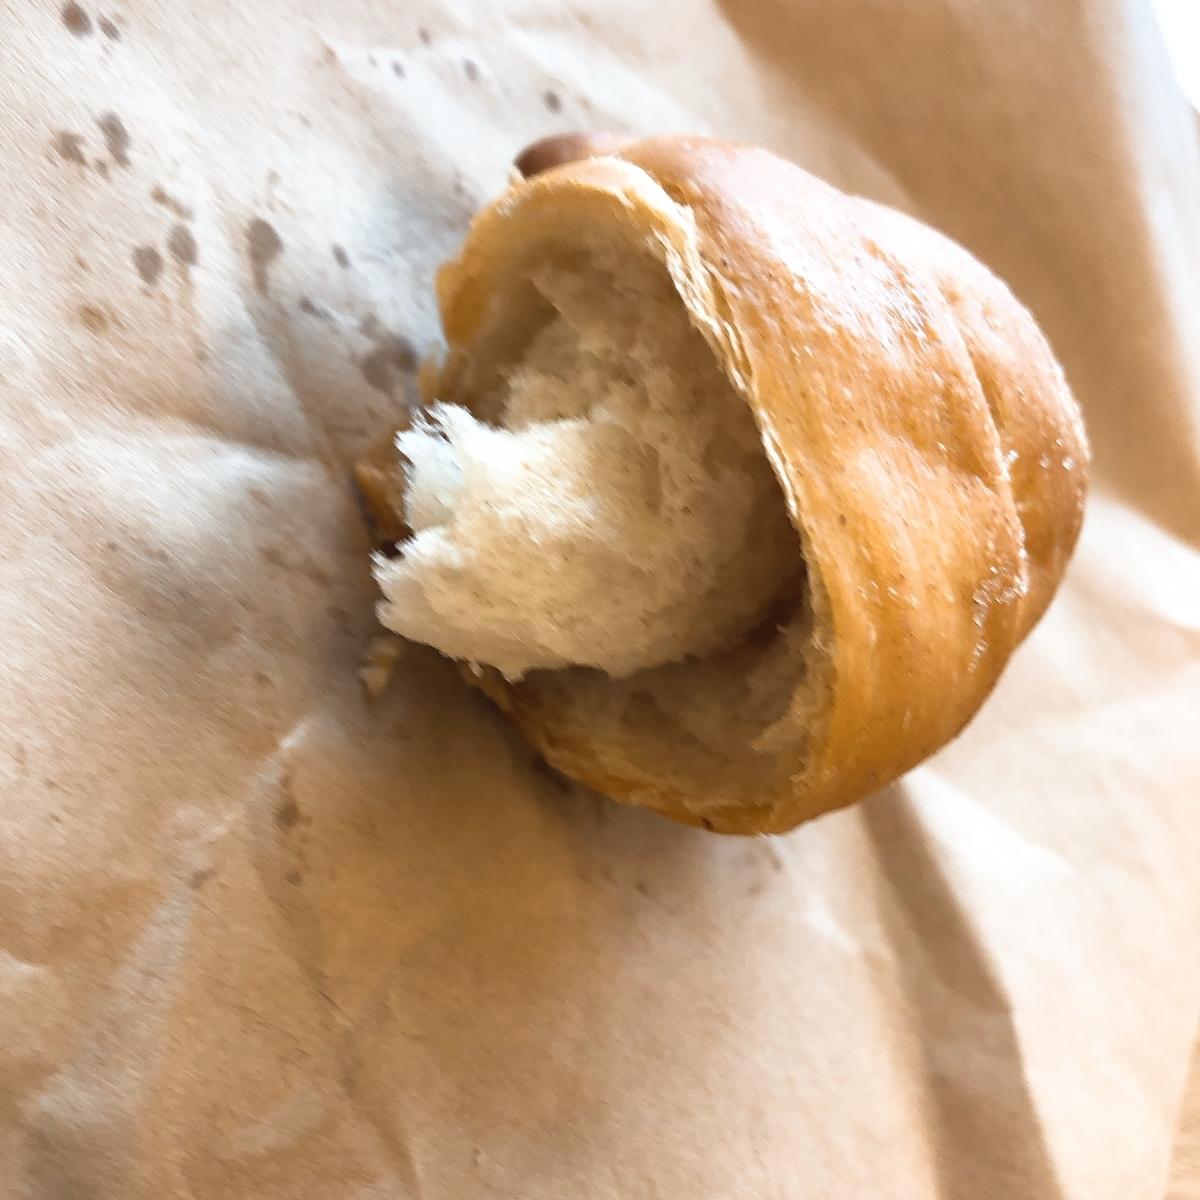 きこないコッペン道士塩パン2